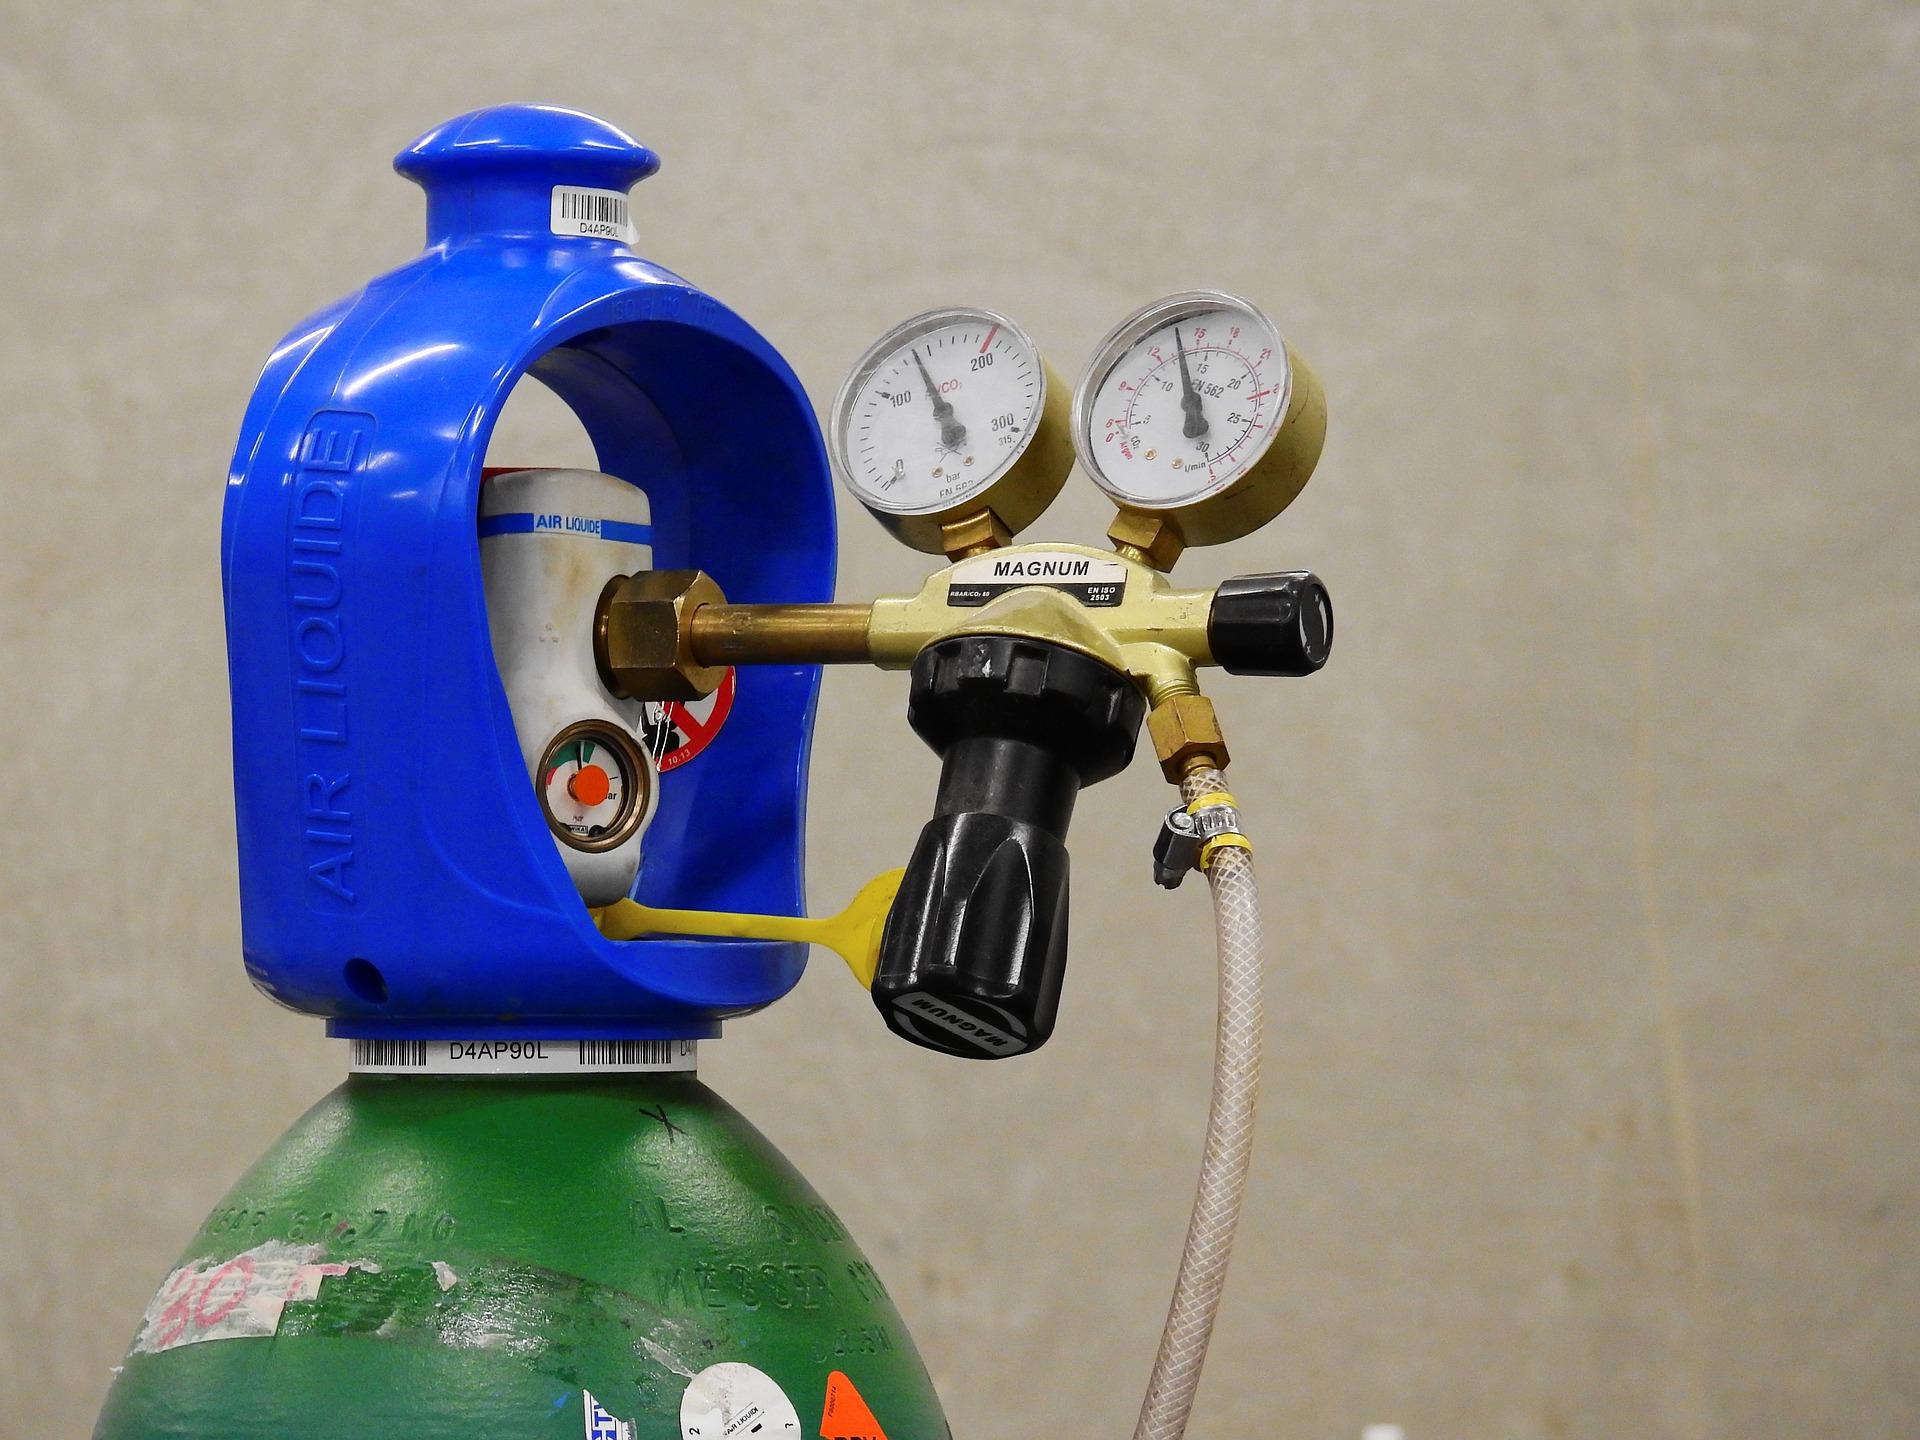 Б.8.25. Наполнение, техническое освидетельствование и ремонт баллонов для хранения и транспортирования сжатых, сжиженных и растворенных под давлением газов, применяемых на опасных производственных объектах